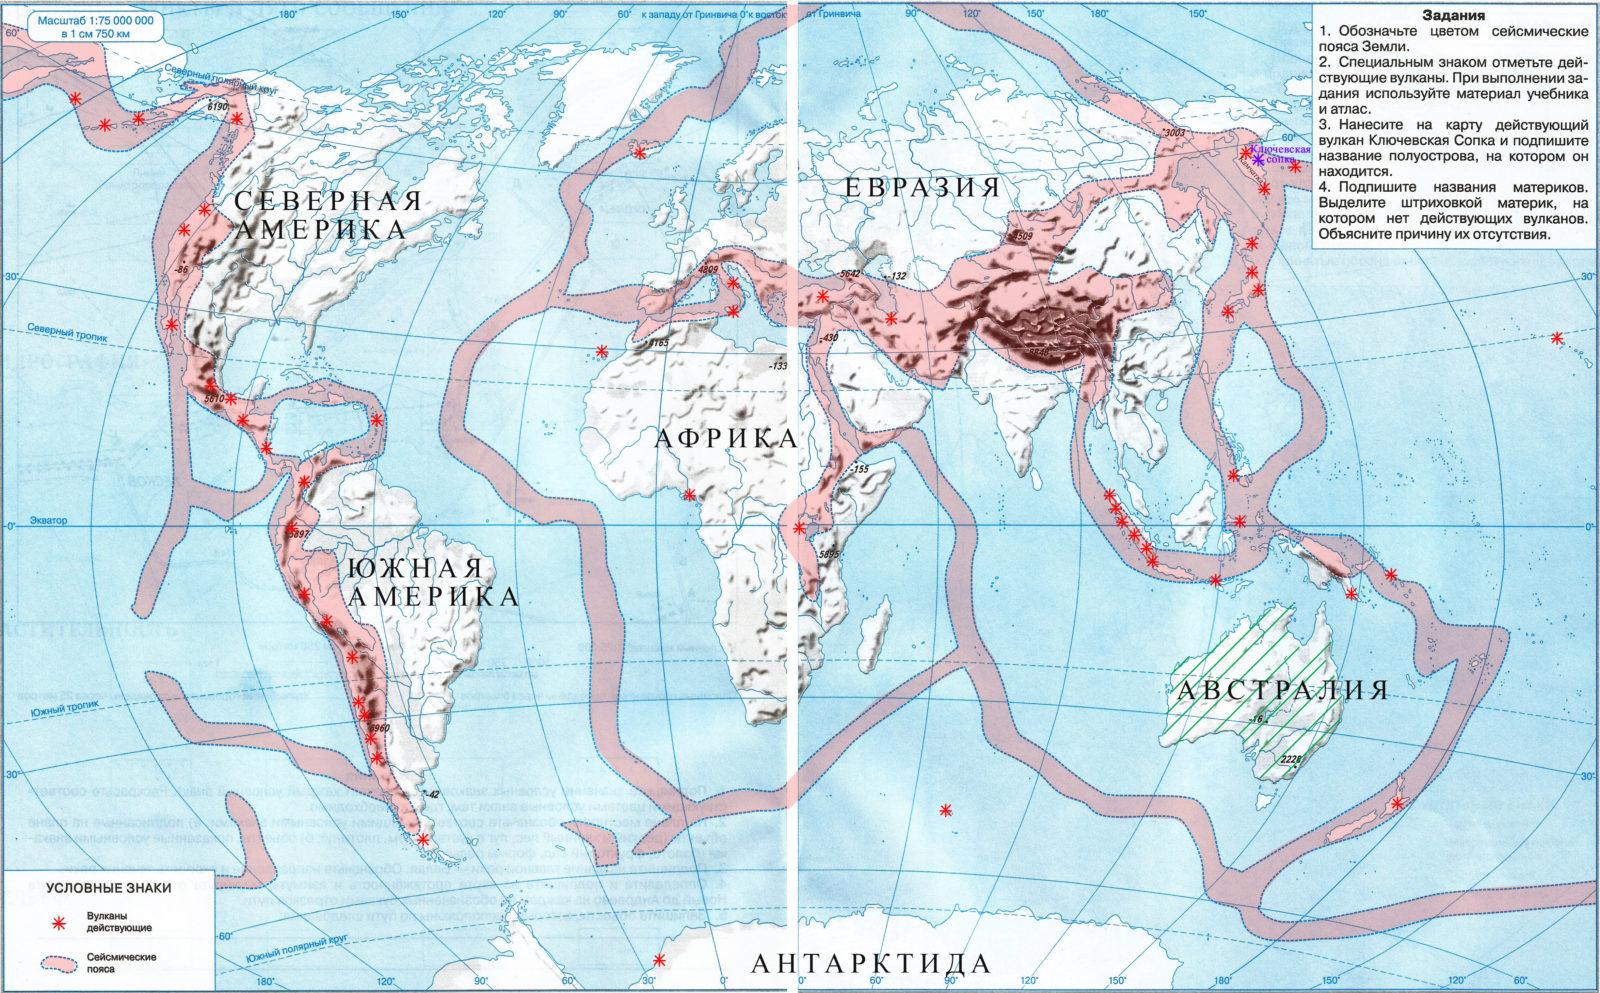 Сейсмические пояса земли. названия сейсмических поясов земли